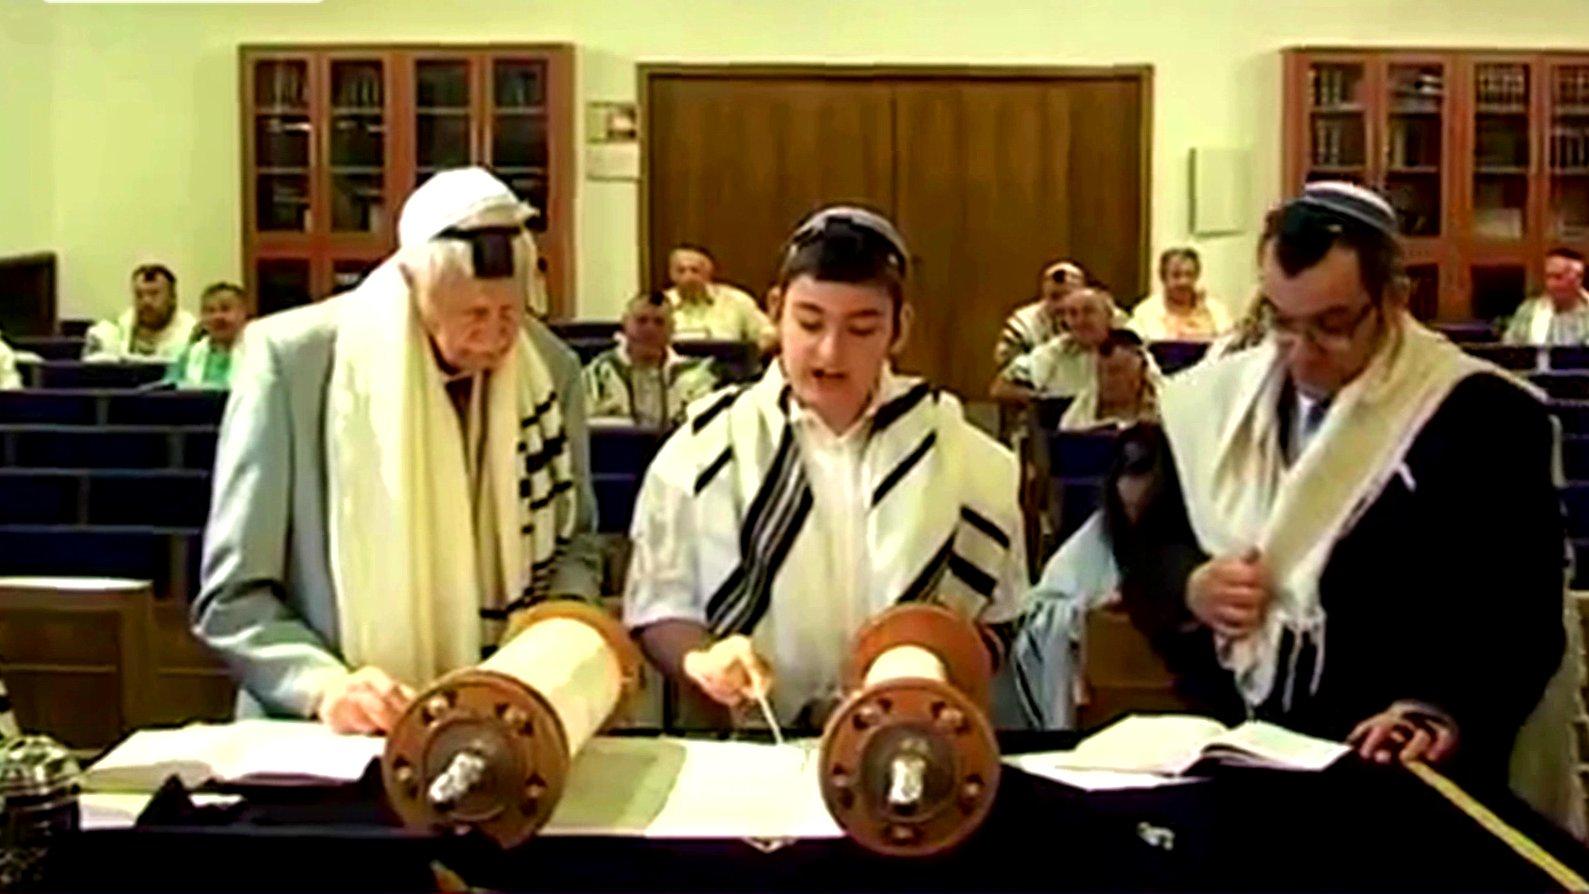 Juden in der Synagoge Dortmund, 2015.